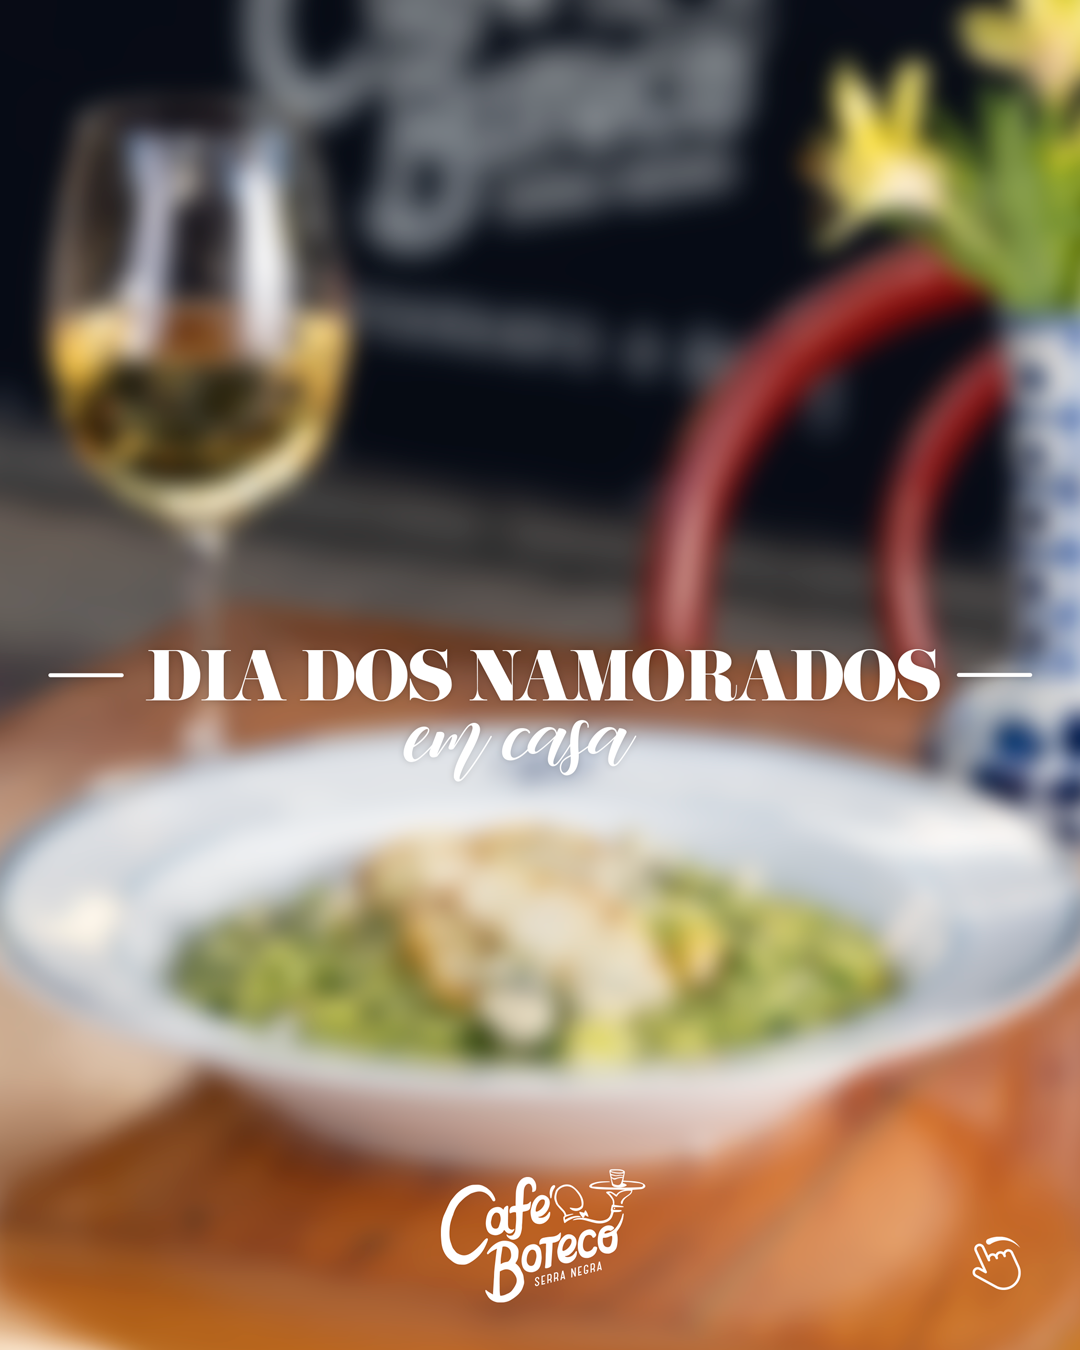 Café Boteco tem almoço, jantar e live de Dia dos Namorados - Em Casa